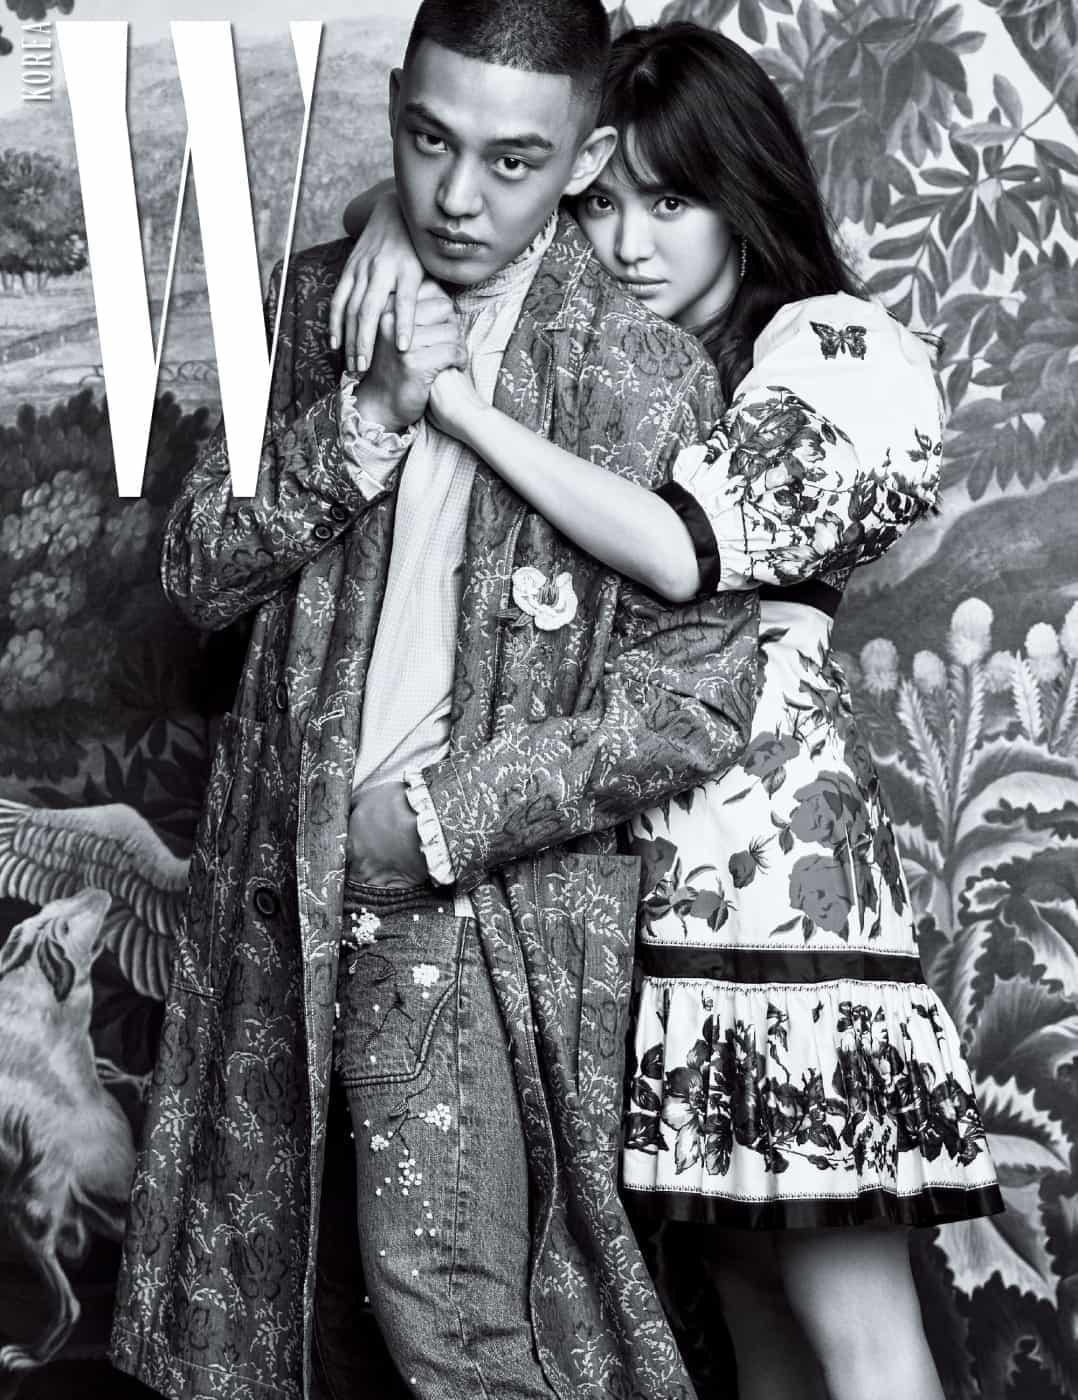 유아인이 입은 식물 패턴의 코트, 자수 장식 데님 팬츠는 Munn, 프릴 장식 셔츠는 Gucci 제품, 송혜교가 입은 벌룬 소재의 꽃무늬 드레스는 Alexander McQueen, 담수 진주 귀고리는 Numbering 제품.